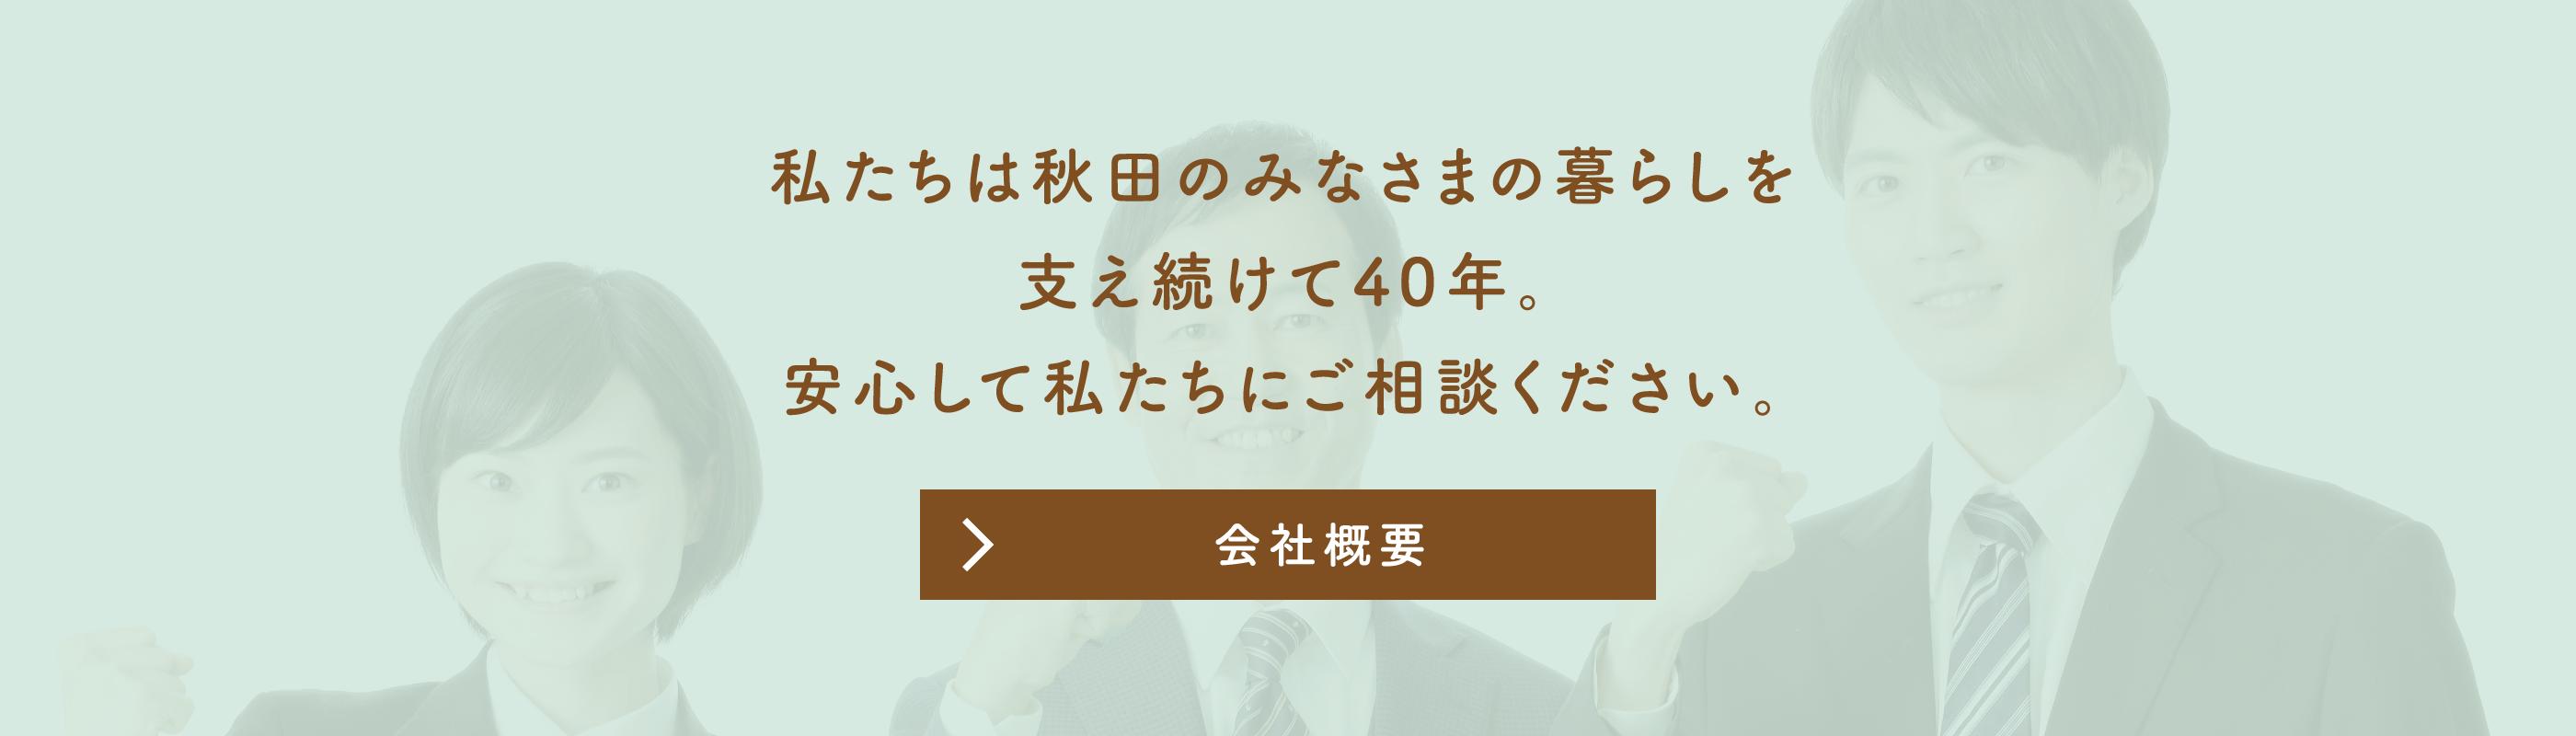 私たちは秋田の皆様の暮らしを支え続けて40年。安心して私たちにご相談ください。